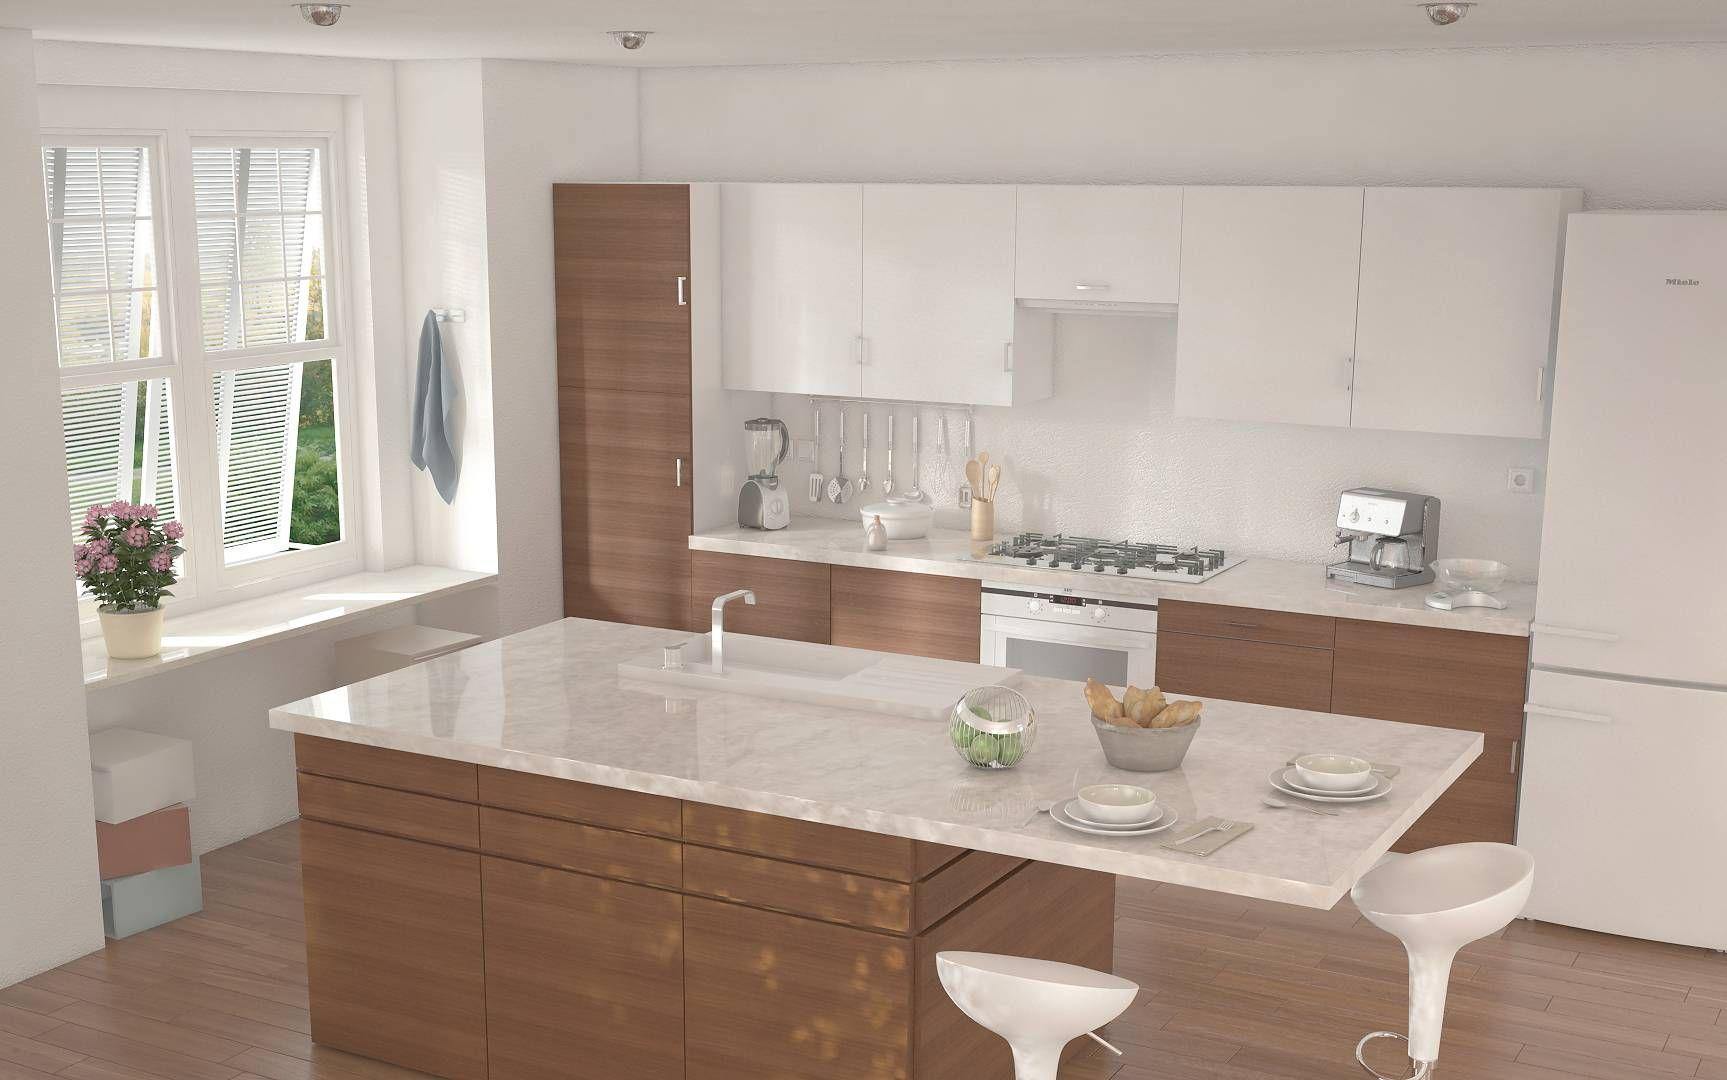 Ikea Cucine Con Isola Prezzi cucina con isola centrale ikea - cerca con google (con